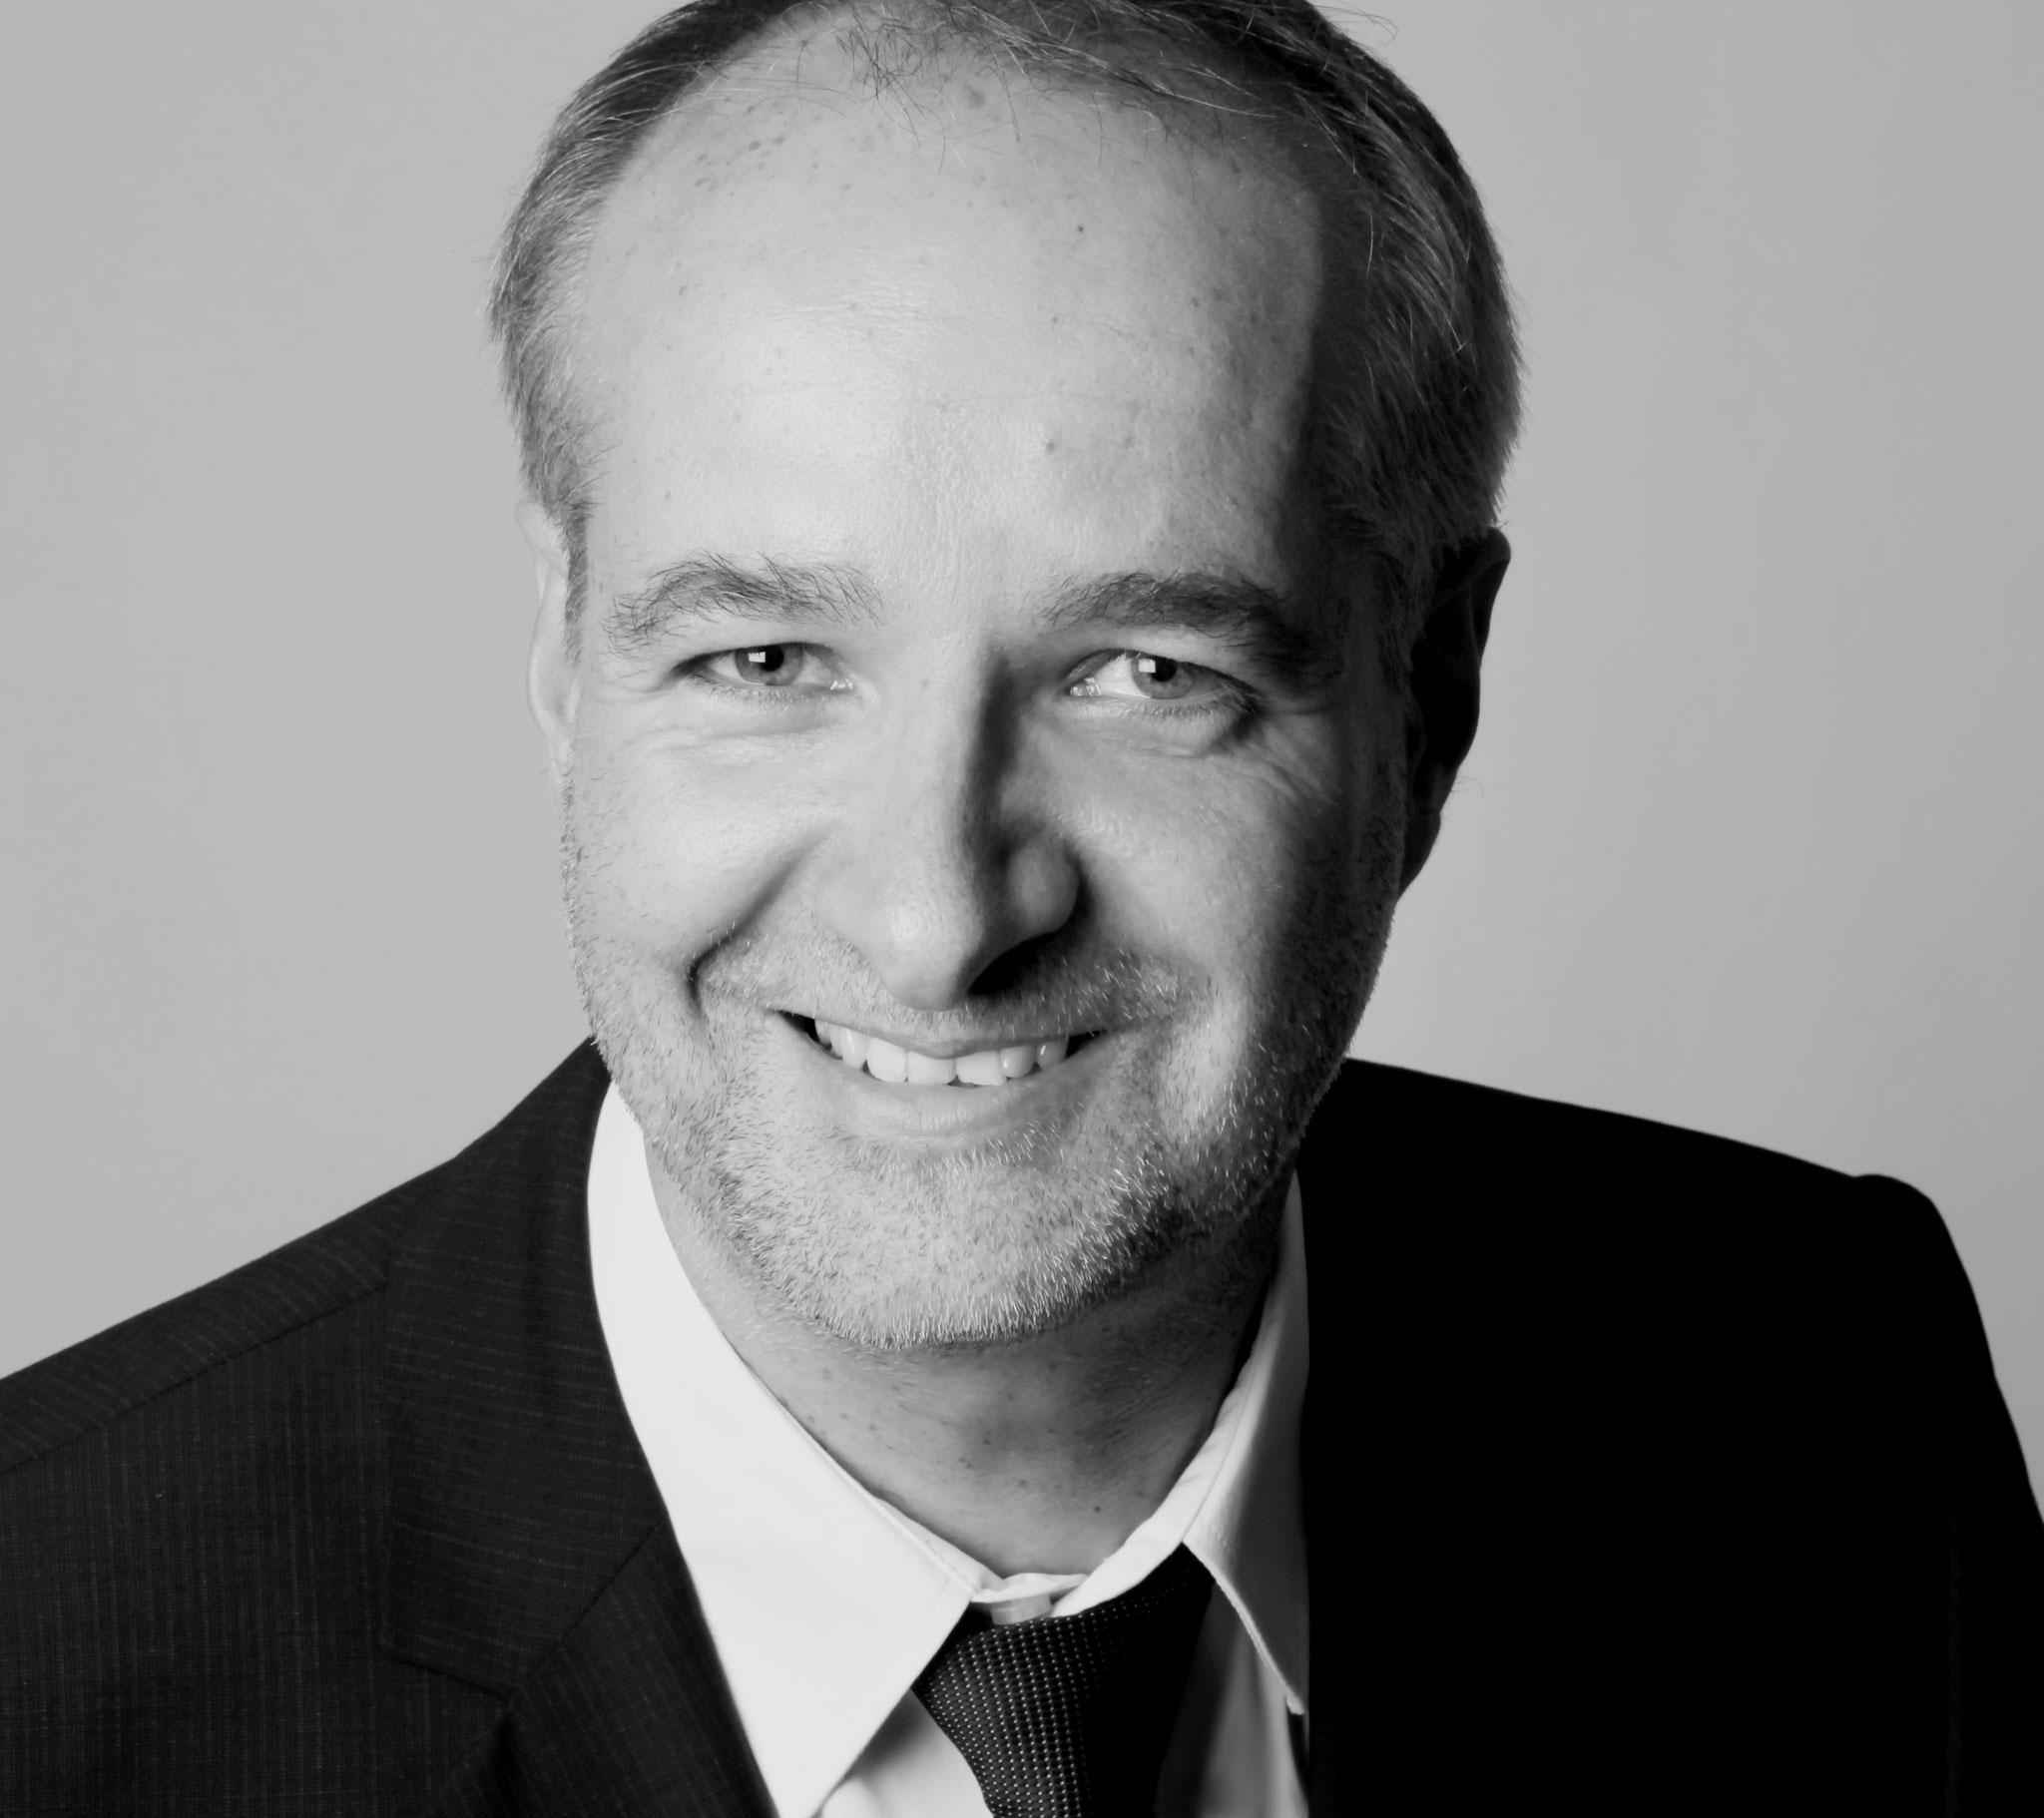 """Dr. Stefan Schröder hat die Fachrichtung """"Naturschutz und Landschaftsökologie"""" in Bonn studiert. Heute leitet er ein Referat in einer Bundesbehörde und berät die Bundesregierung zu Fragen der Biologischen Vielfalt."""